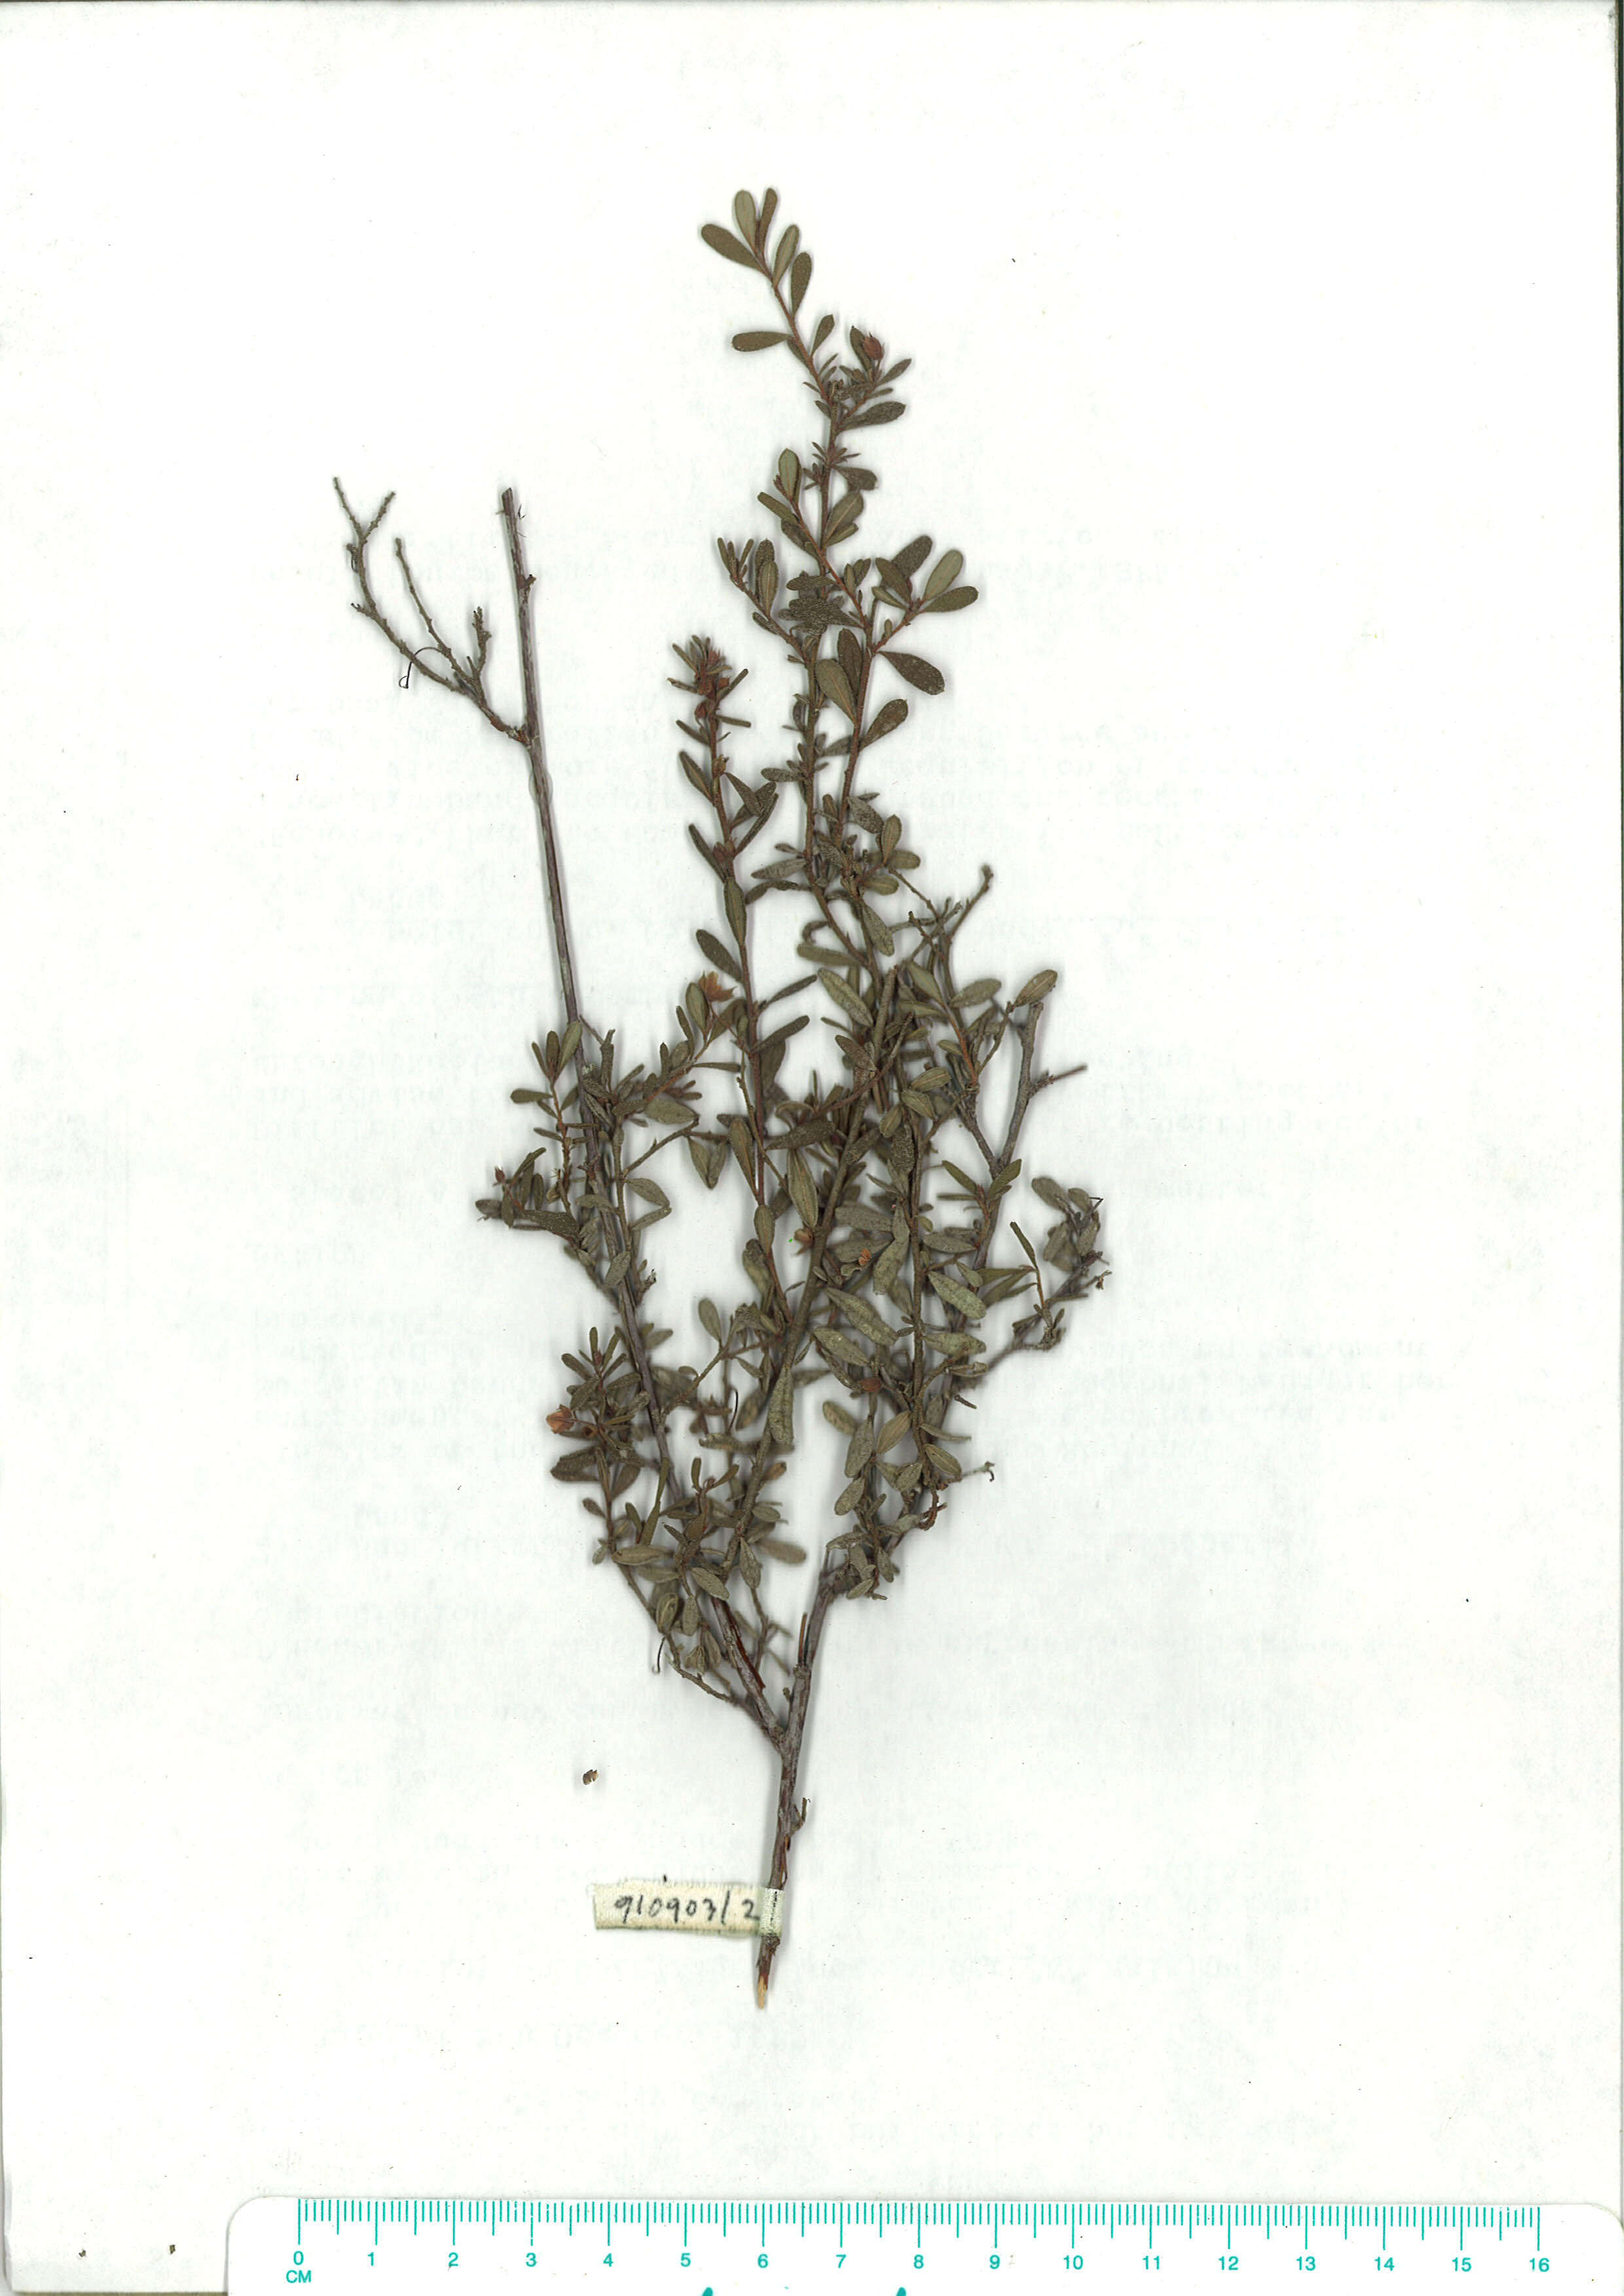 Scanned herbarium image Hibbertia empetrifolia